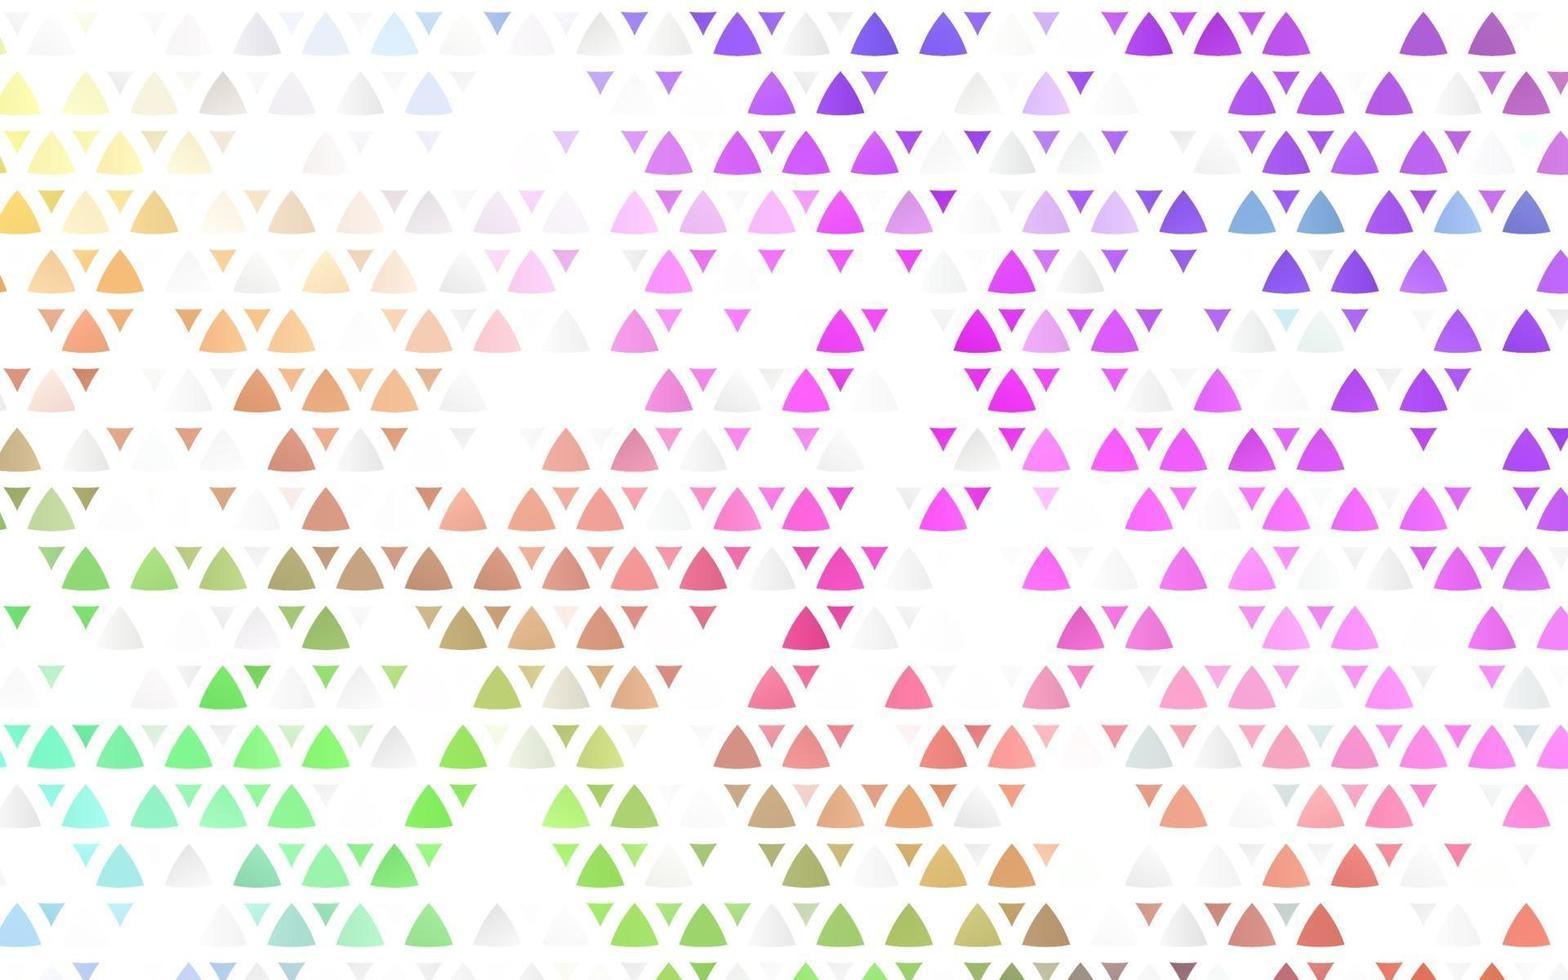 luz multicolor, fundo sem emenda do vetor do arco-íris com triângulos.